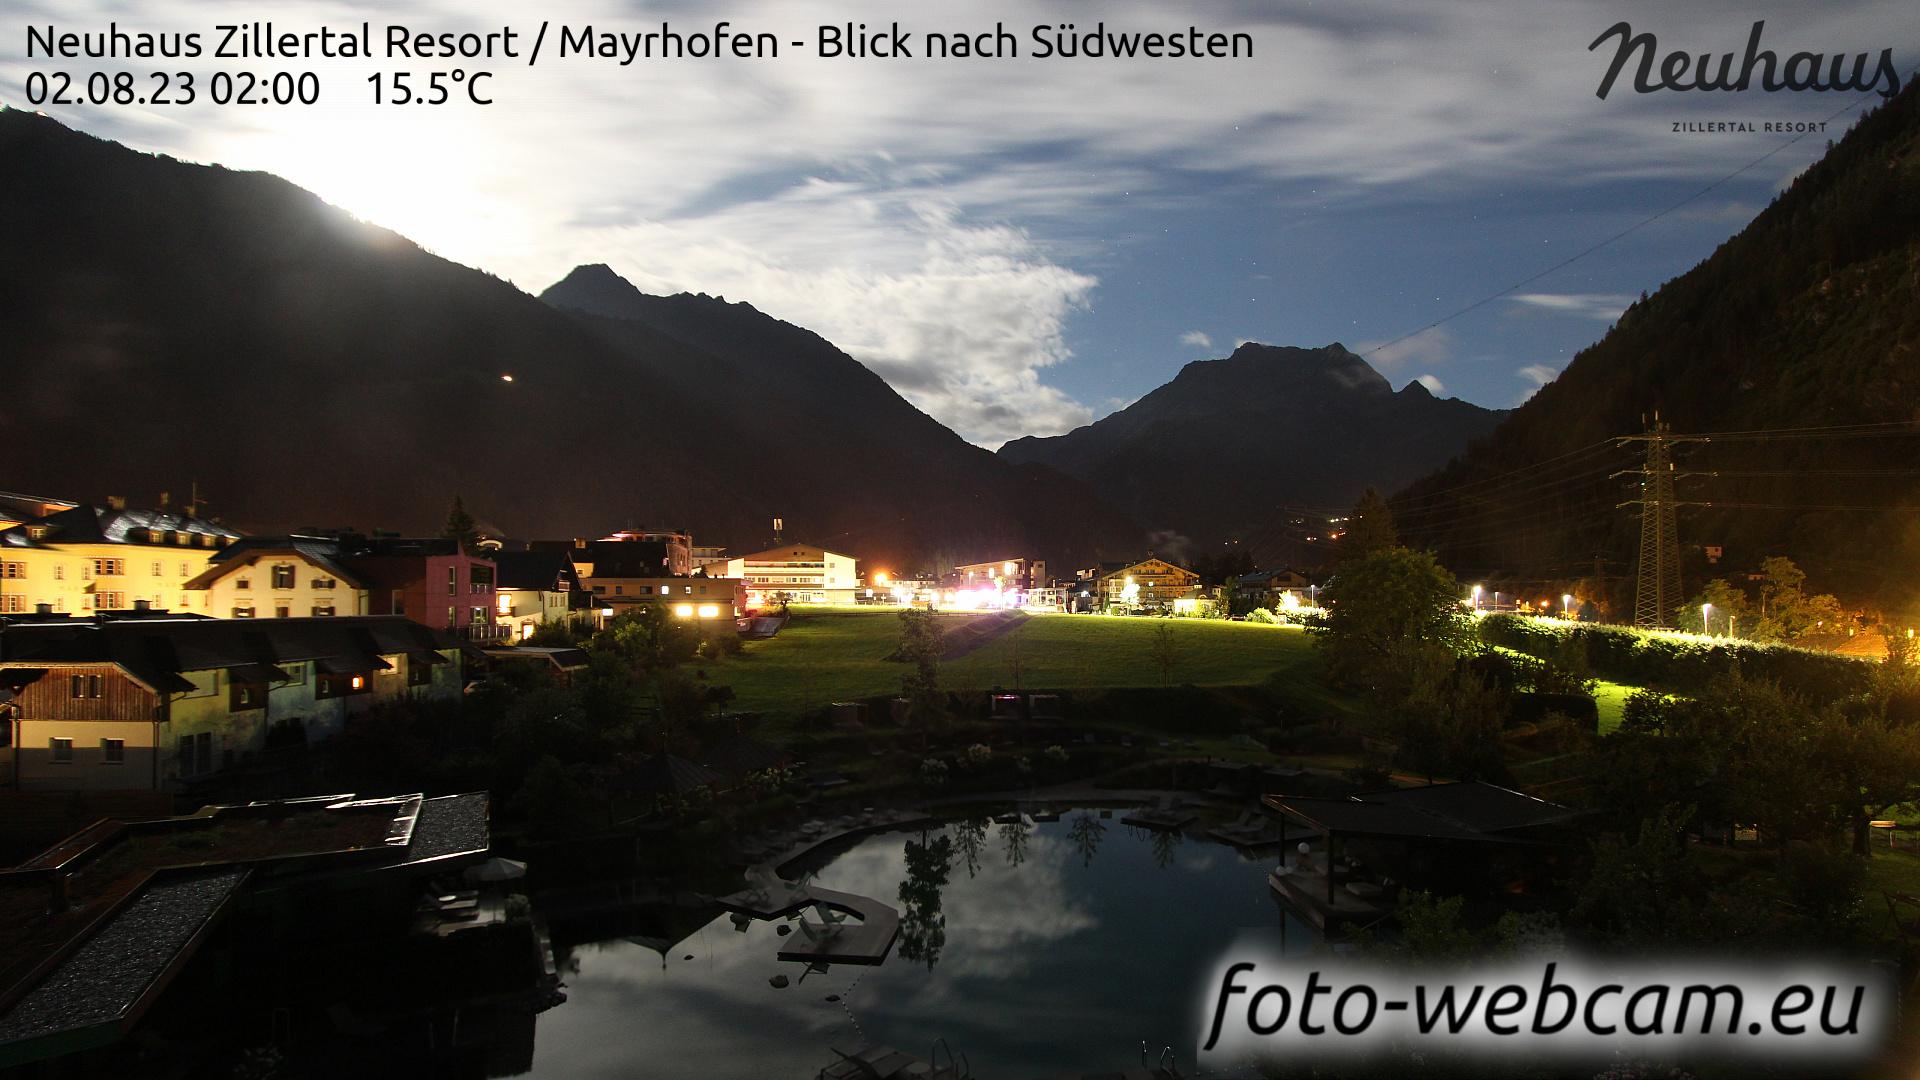 Mayrhofen Mon. 02:33